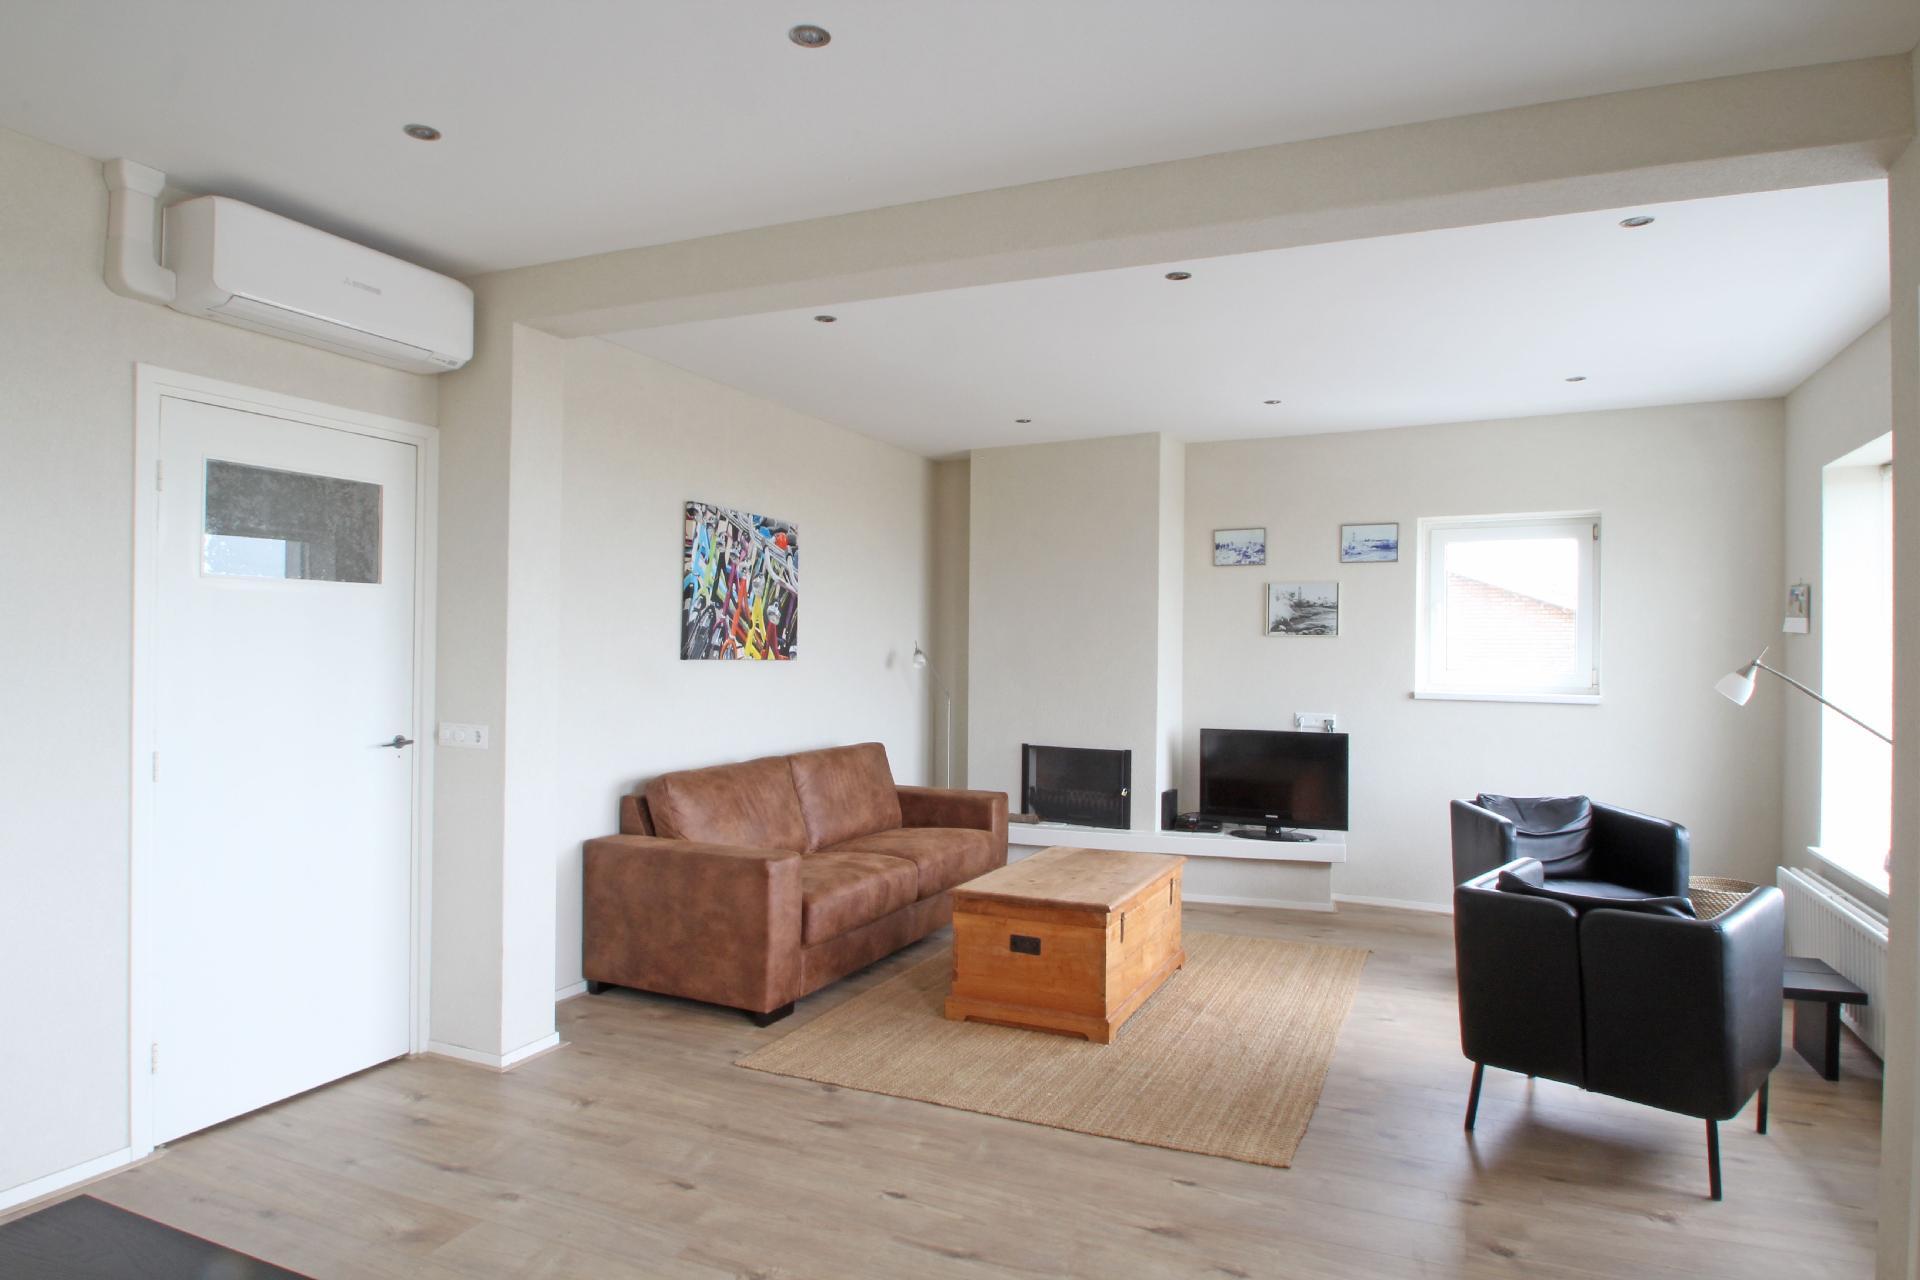 Ferienhaus für 4 Personen ca. 65 m² in K  in den Niederlande